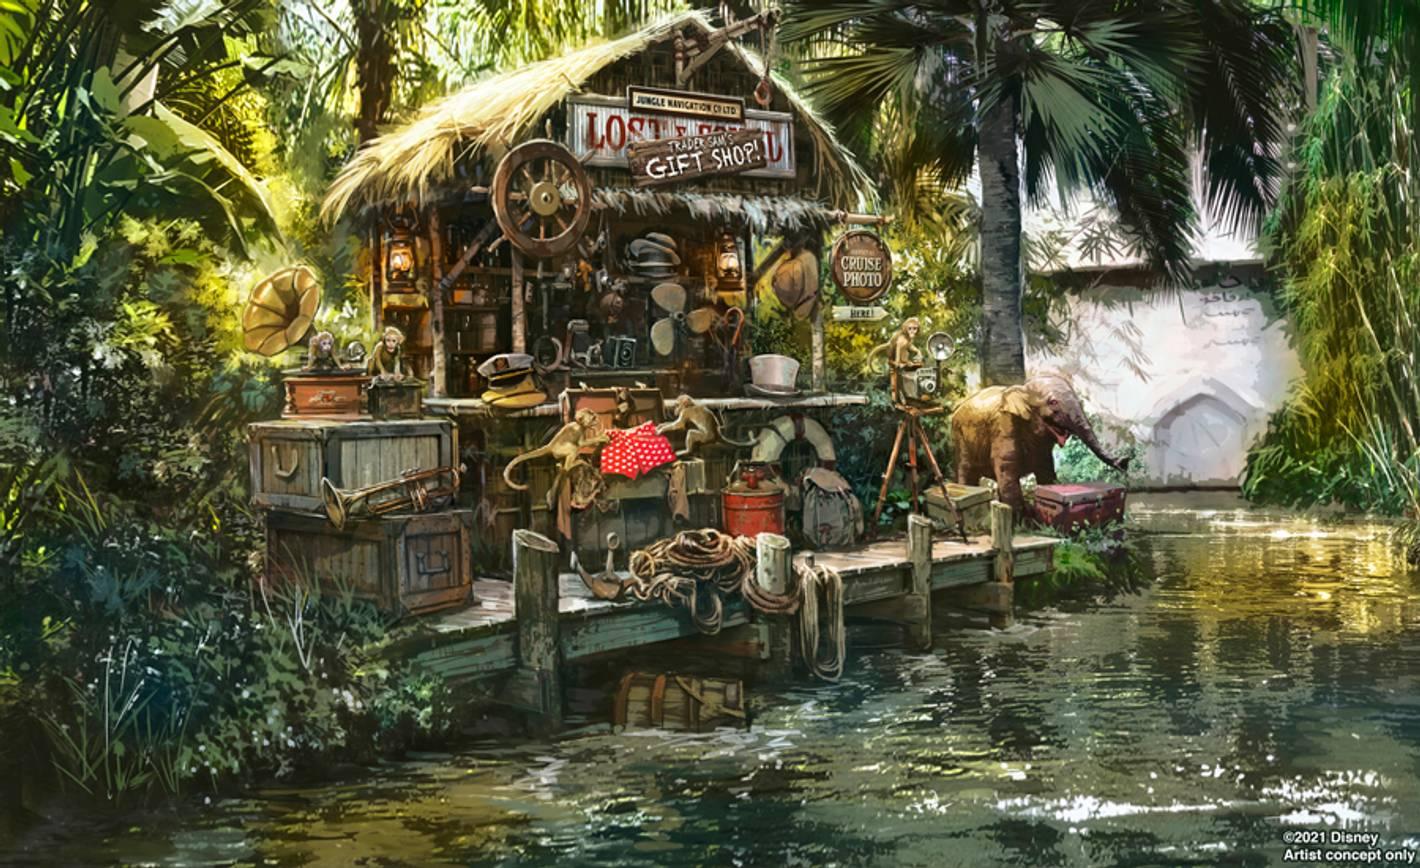 Jungle Cruise concept art